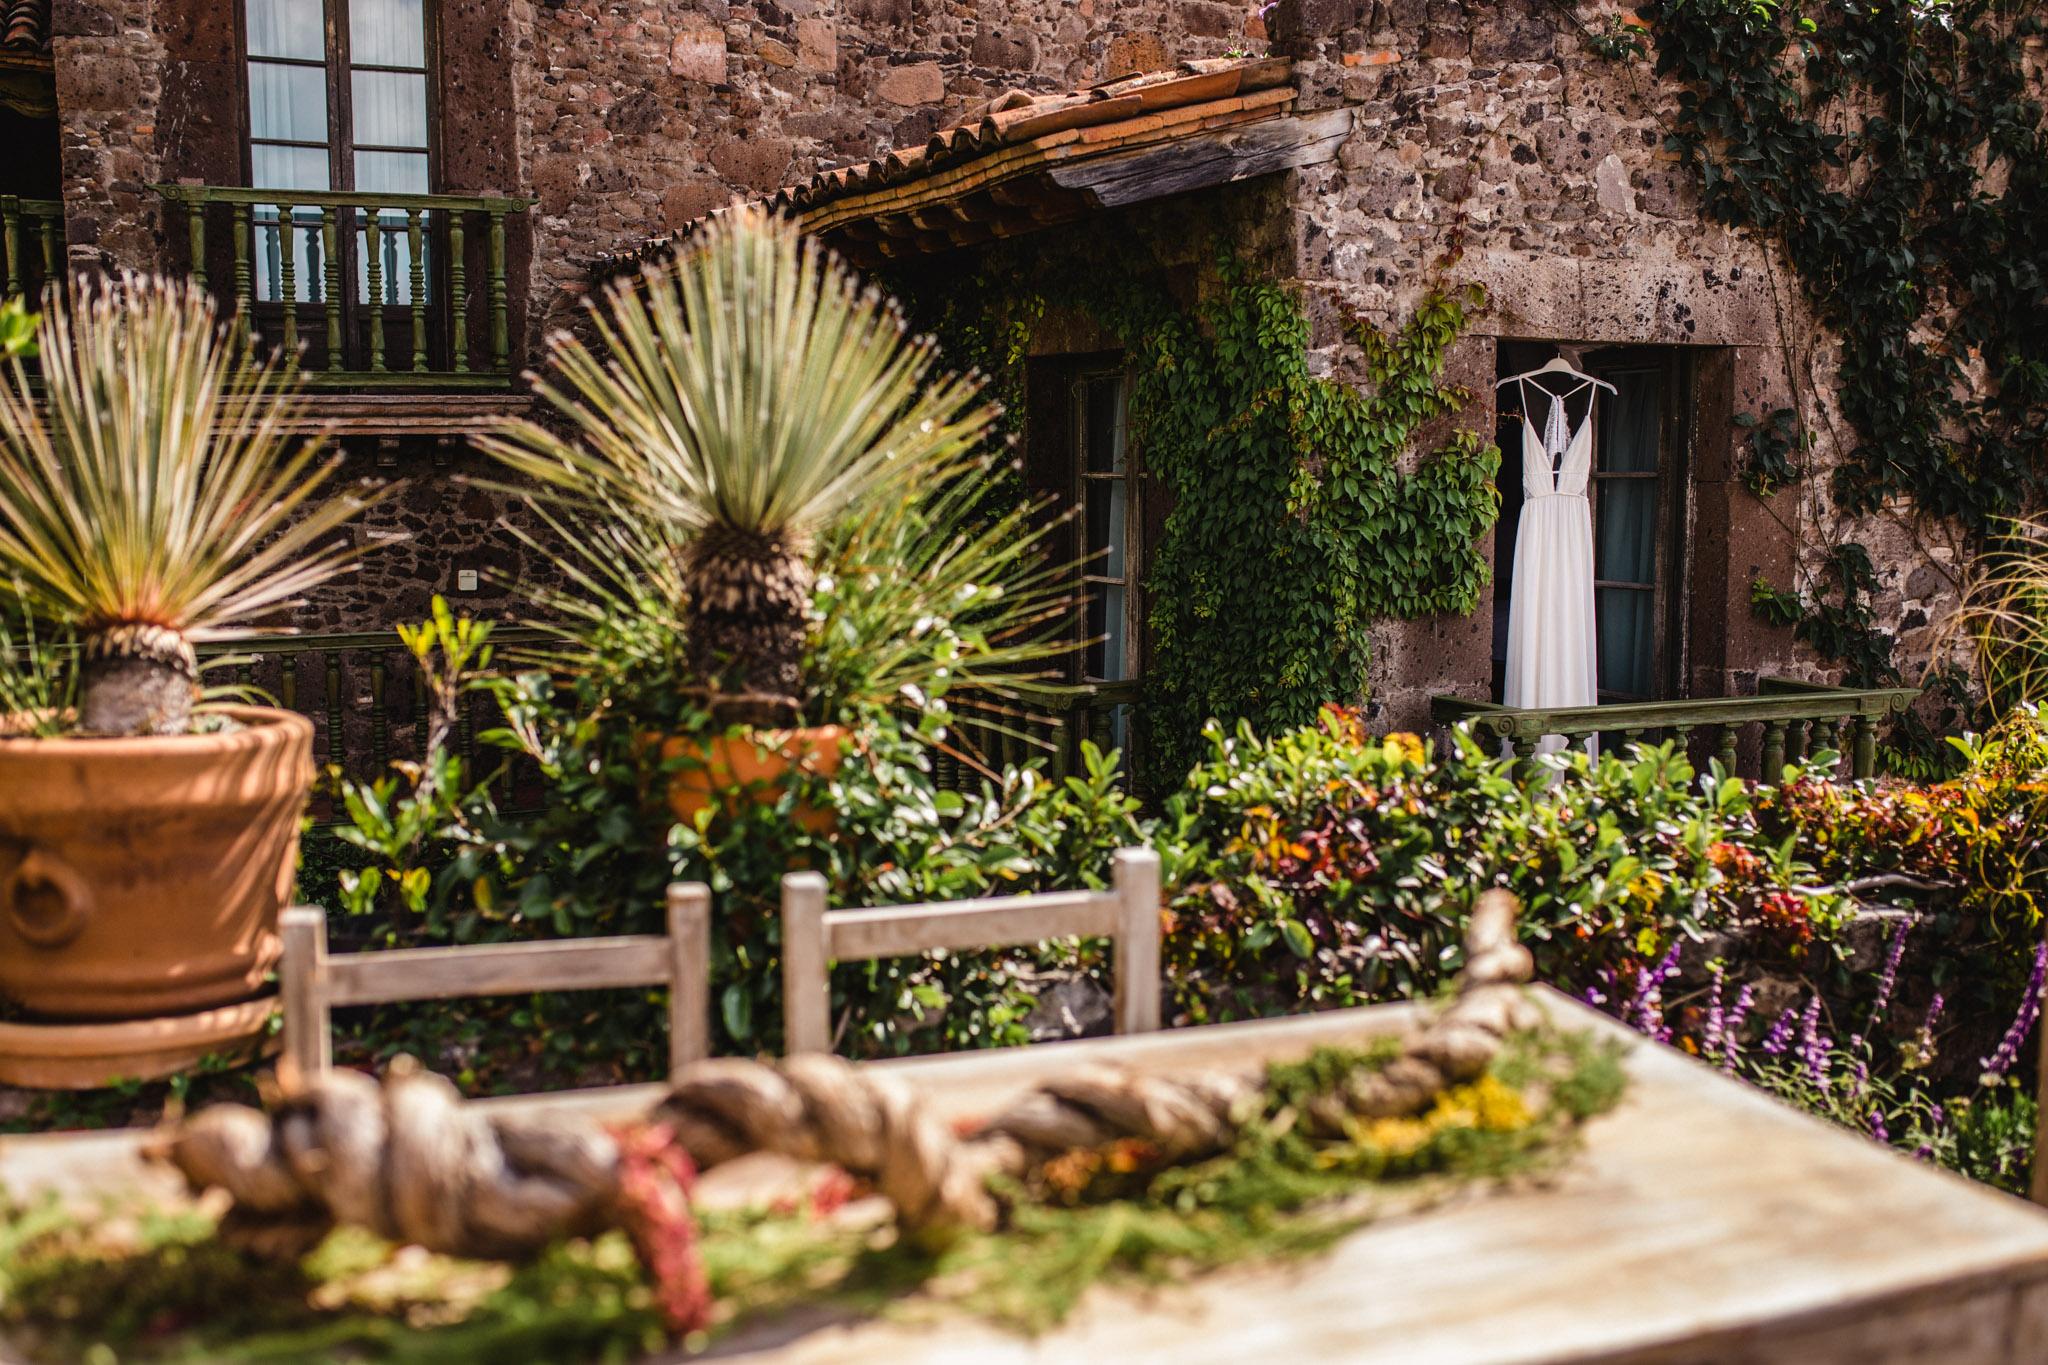 Blog-Wedding-Destination-Photography-San-Miguel-de-Allende-Jorge-Navarrete-Fotografía-Boda-Sandra-Beto-4.jpg